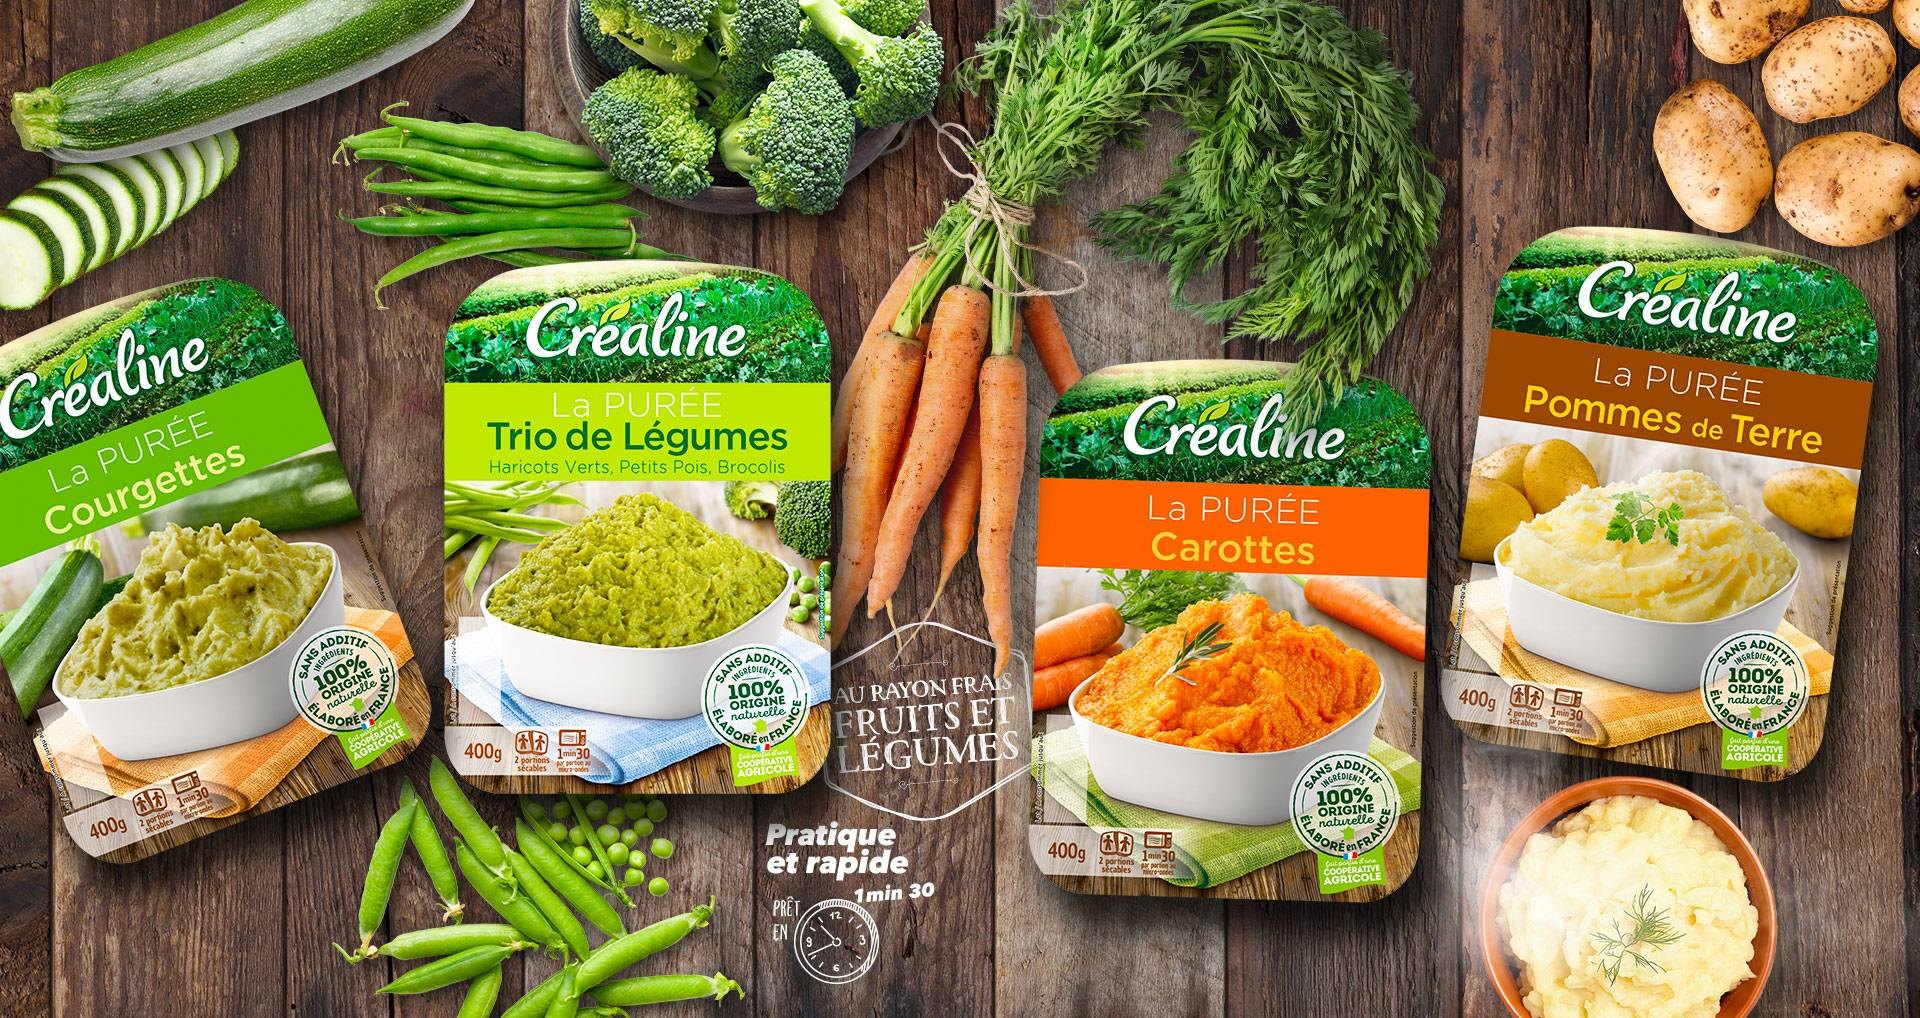 Les purées de légumes au rayon frais Créaline : des purées à déguster toute l'année